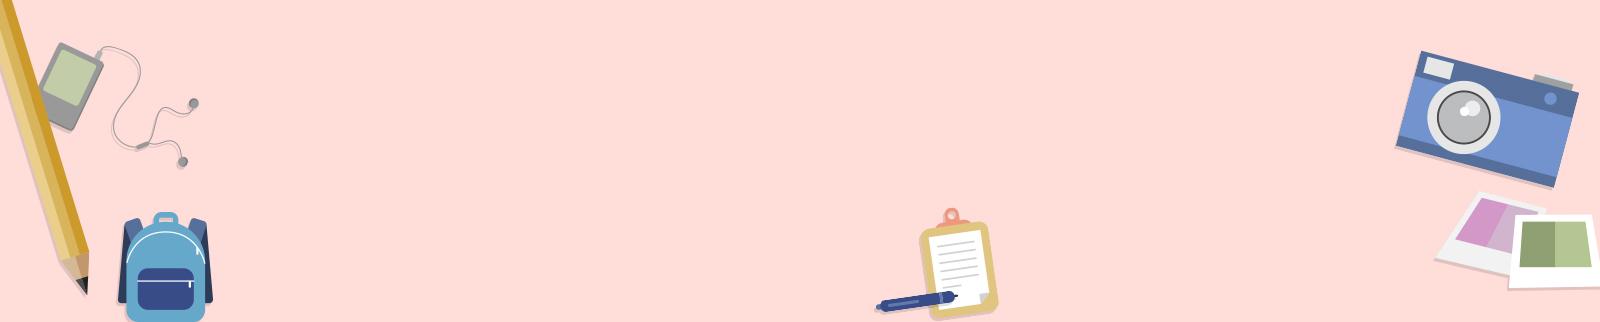 NLN PAX RN Practice Tests & Information! - TestPrep-Online